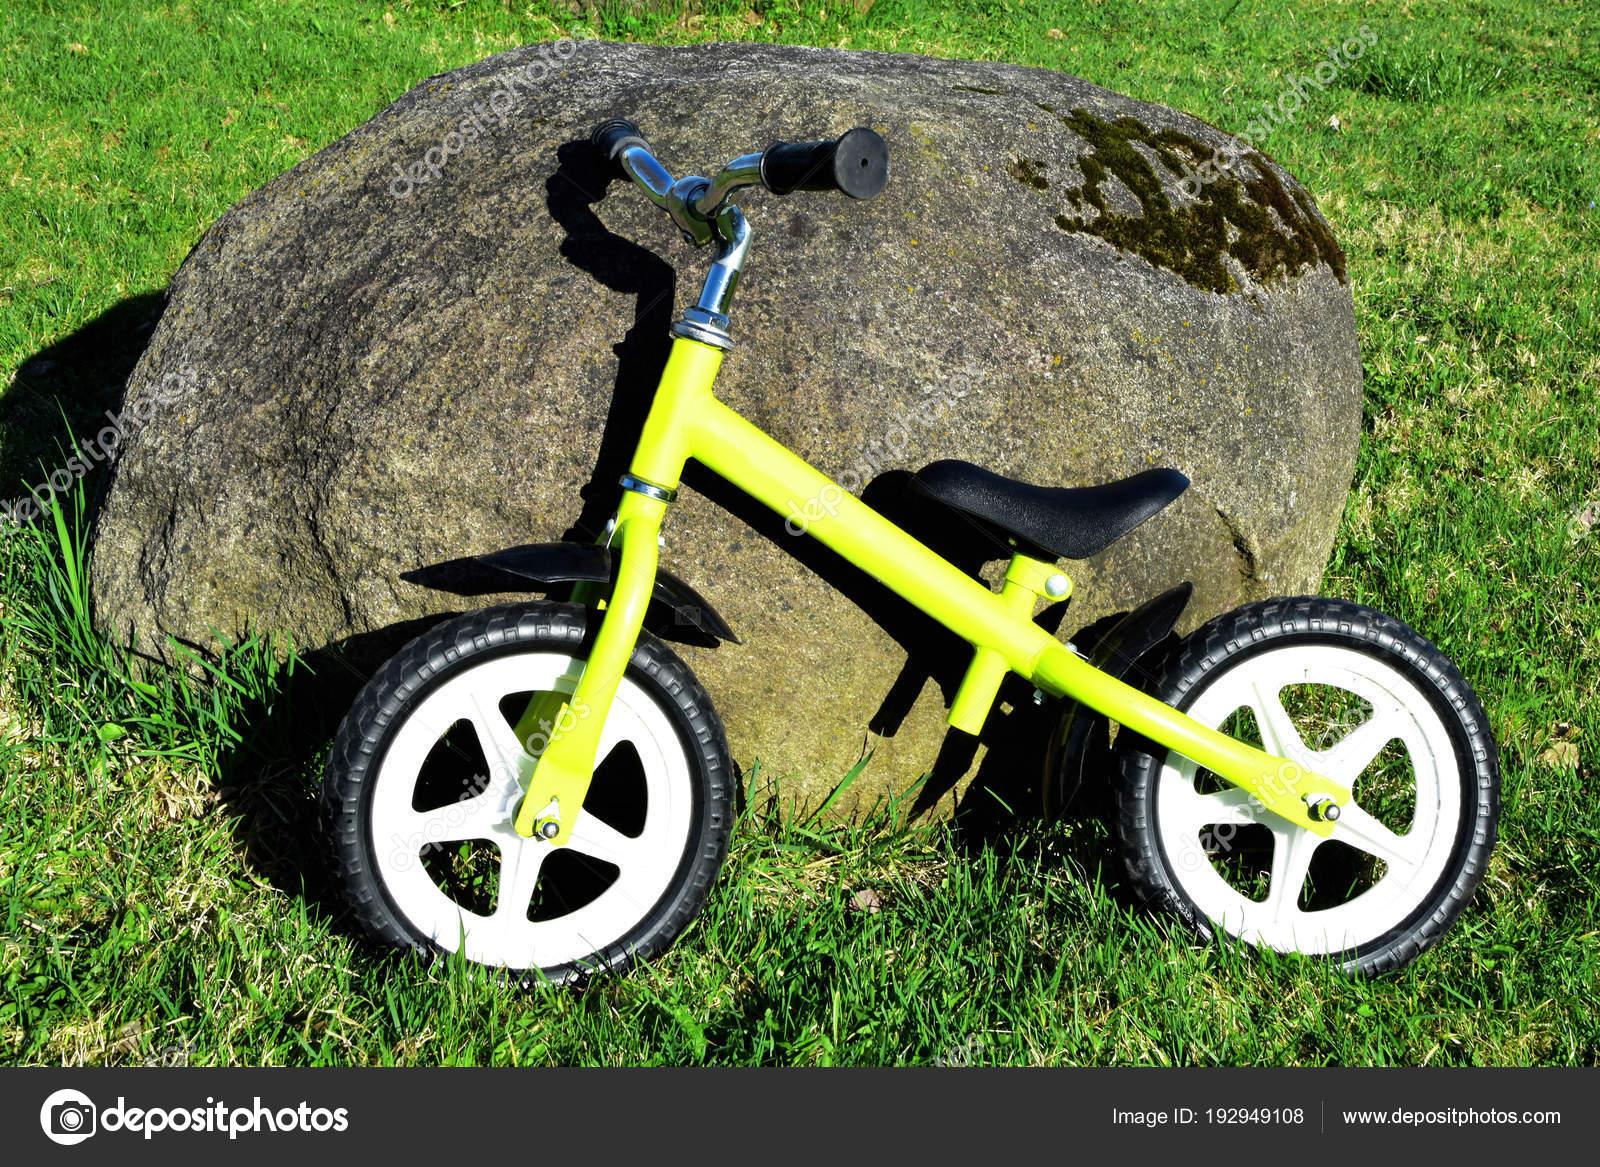 Equilibrio Bici Giallo Bambini Senza Pedali Attrezzature Esercizio